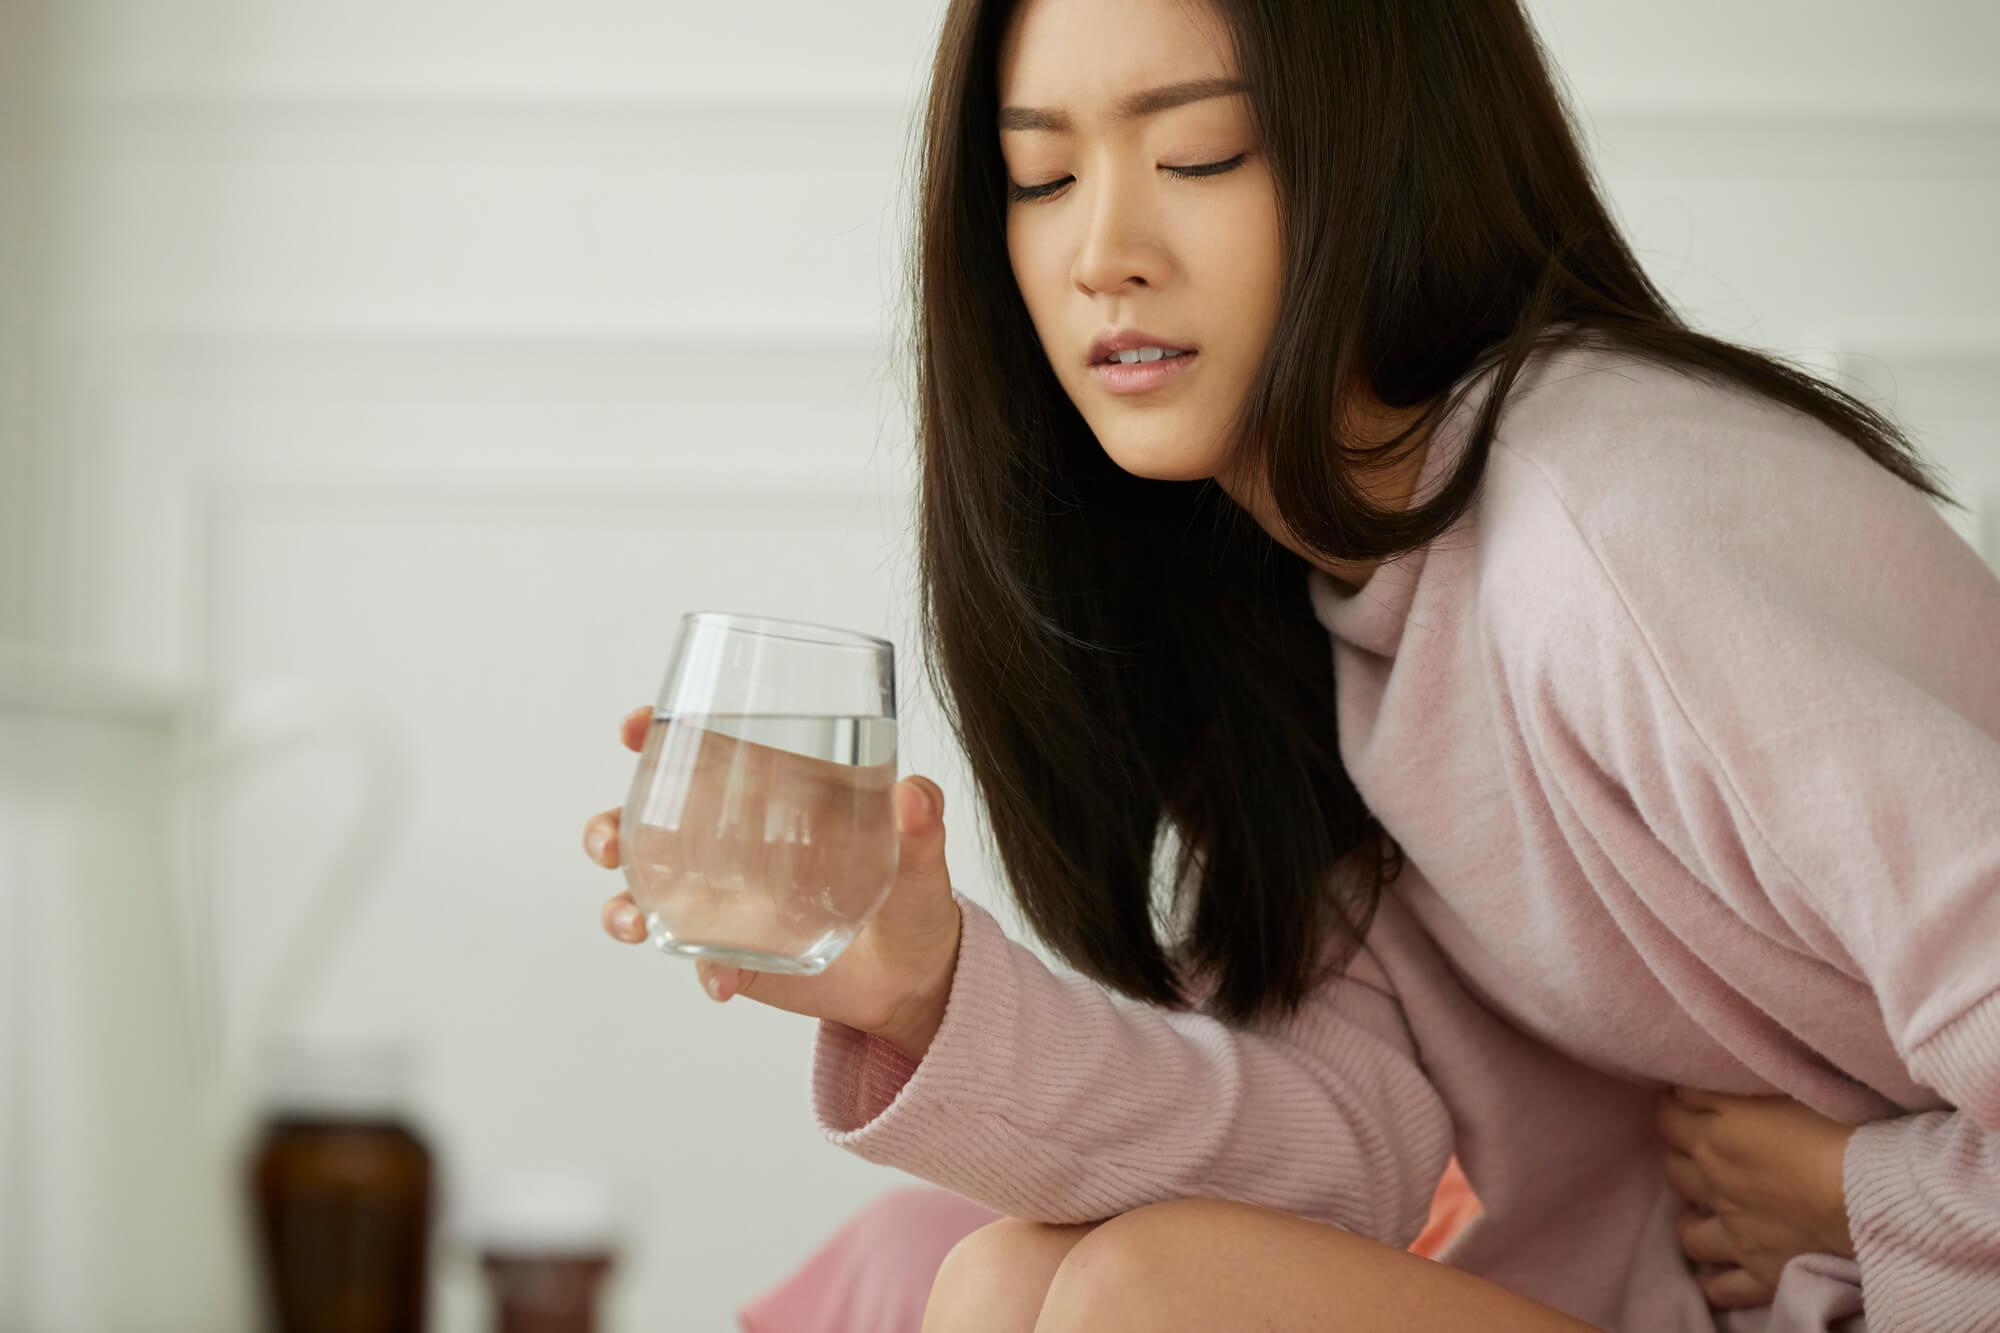 うつ病の症状が出始め、頭痛や動悸、吐き気に悩まされている20代の女性